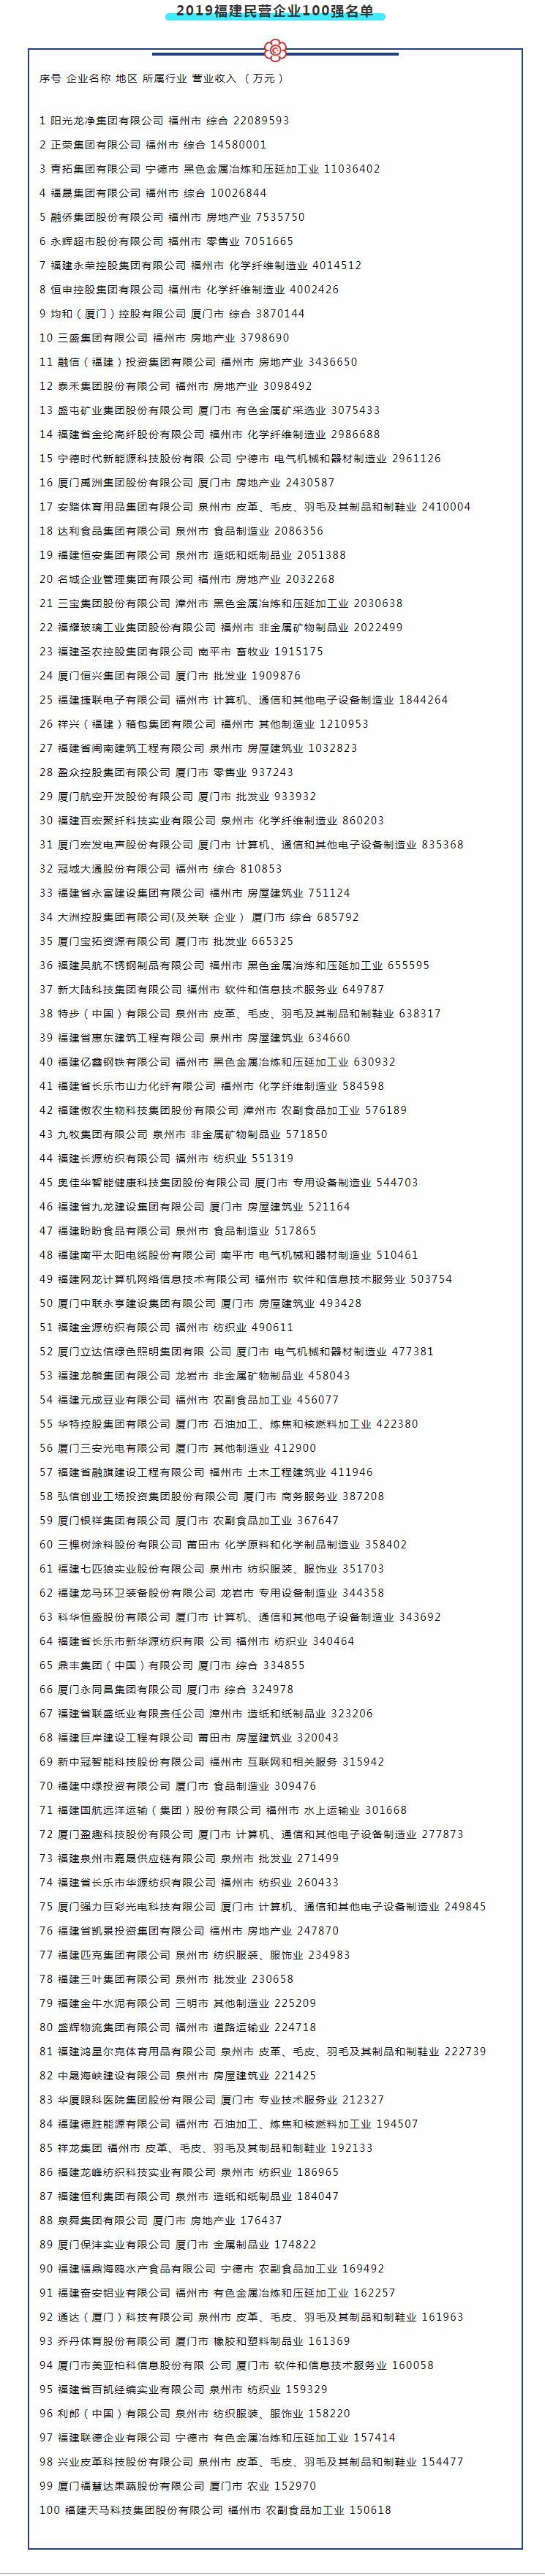 福清9企业跻身全省100强,有你认识的吗?